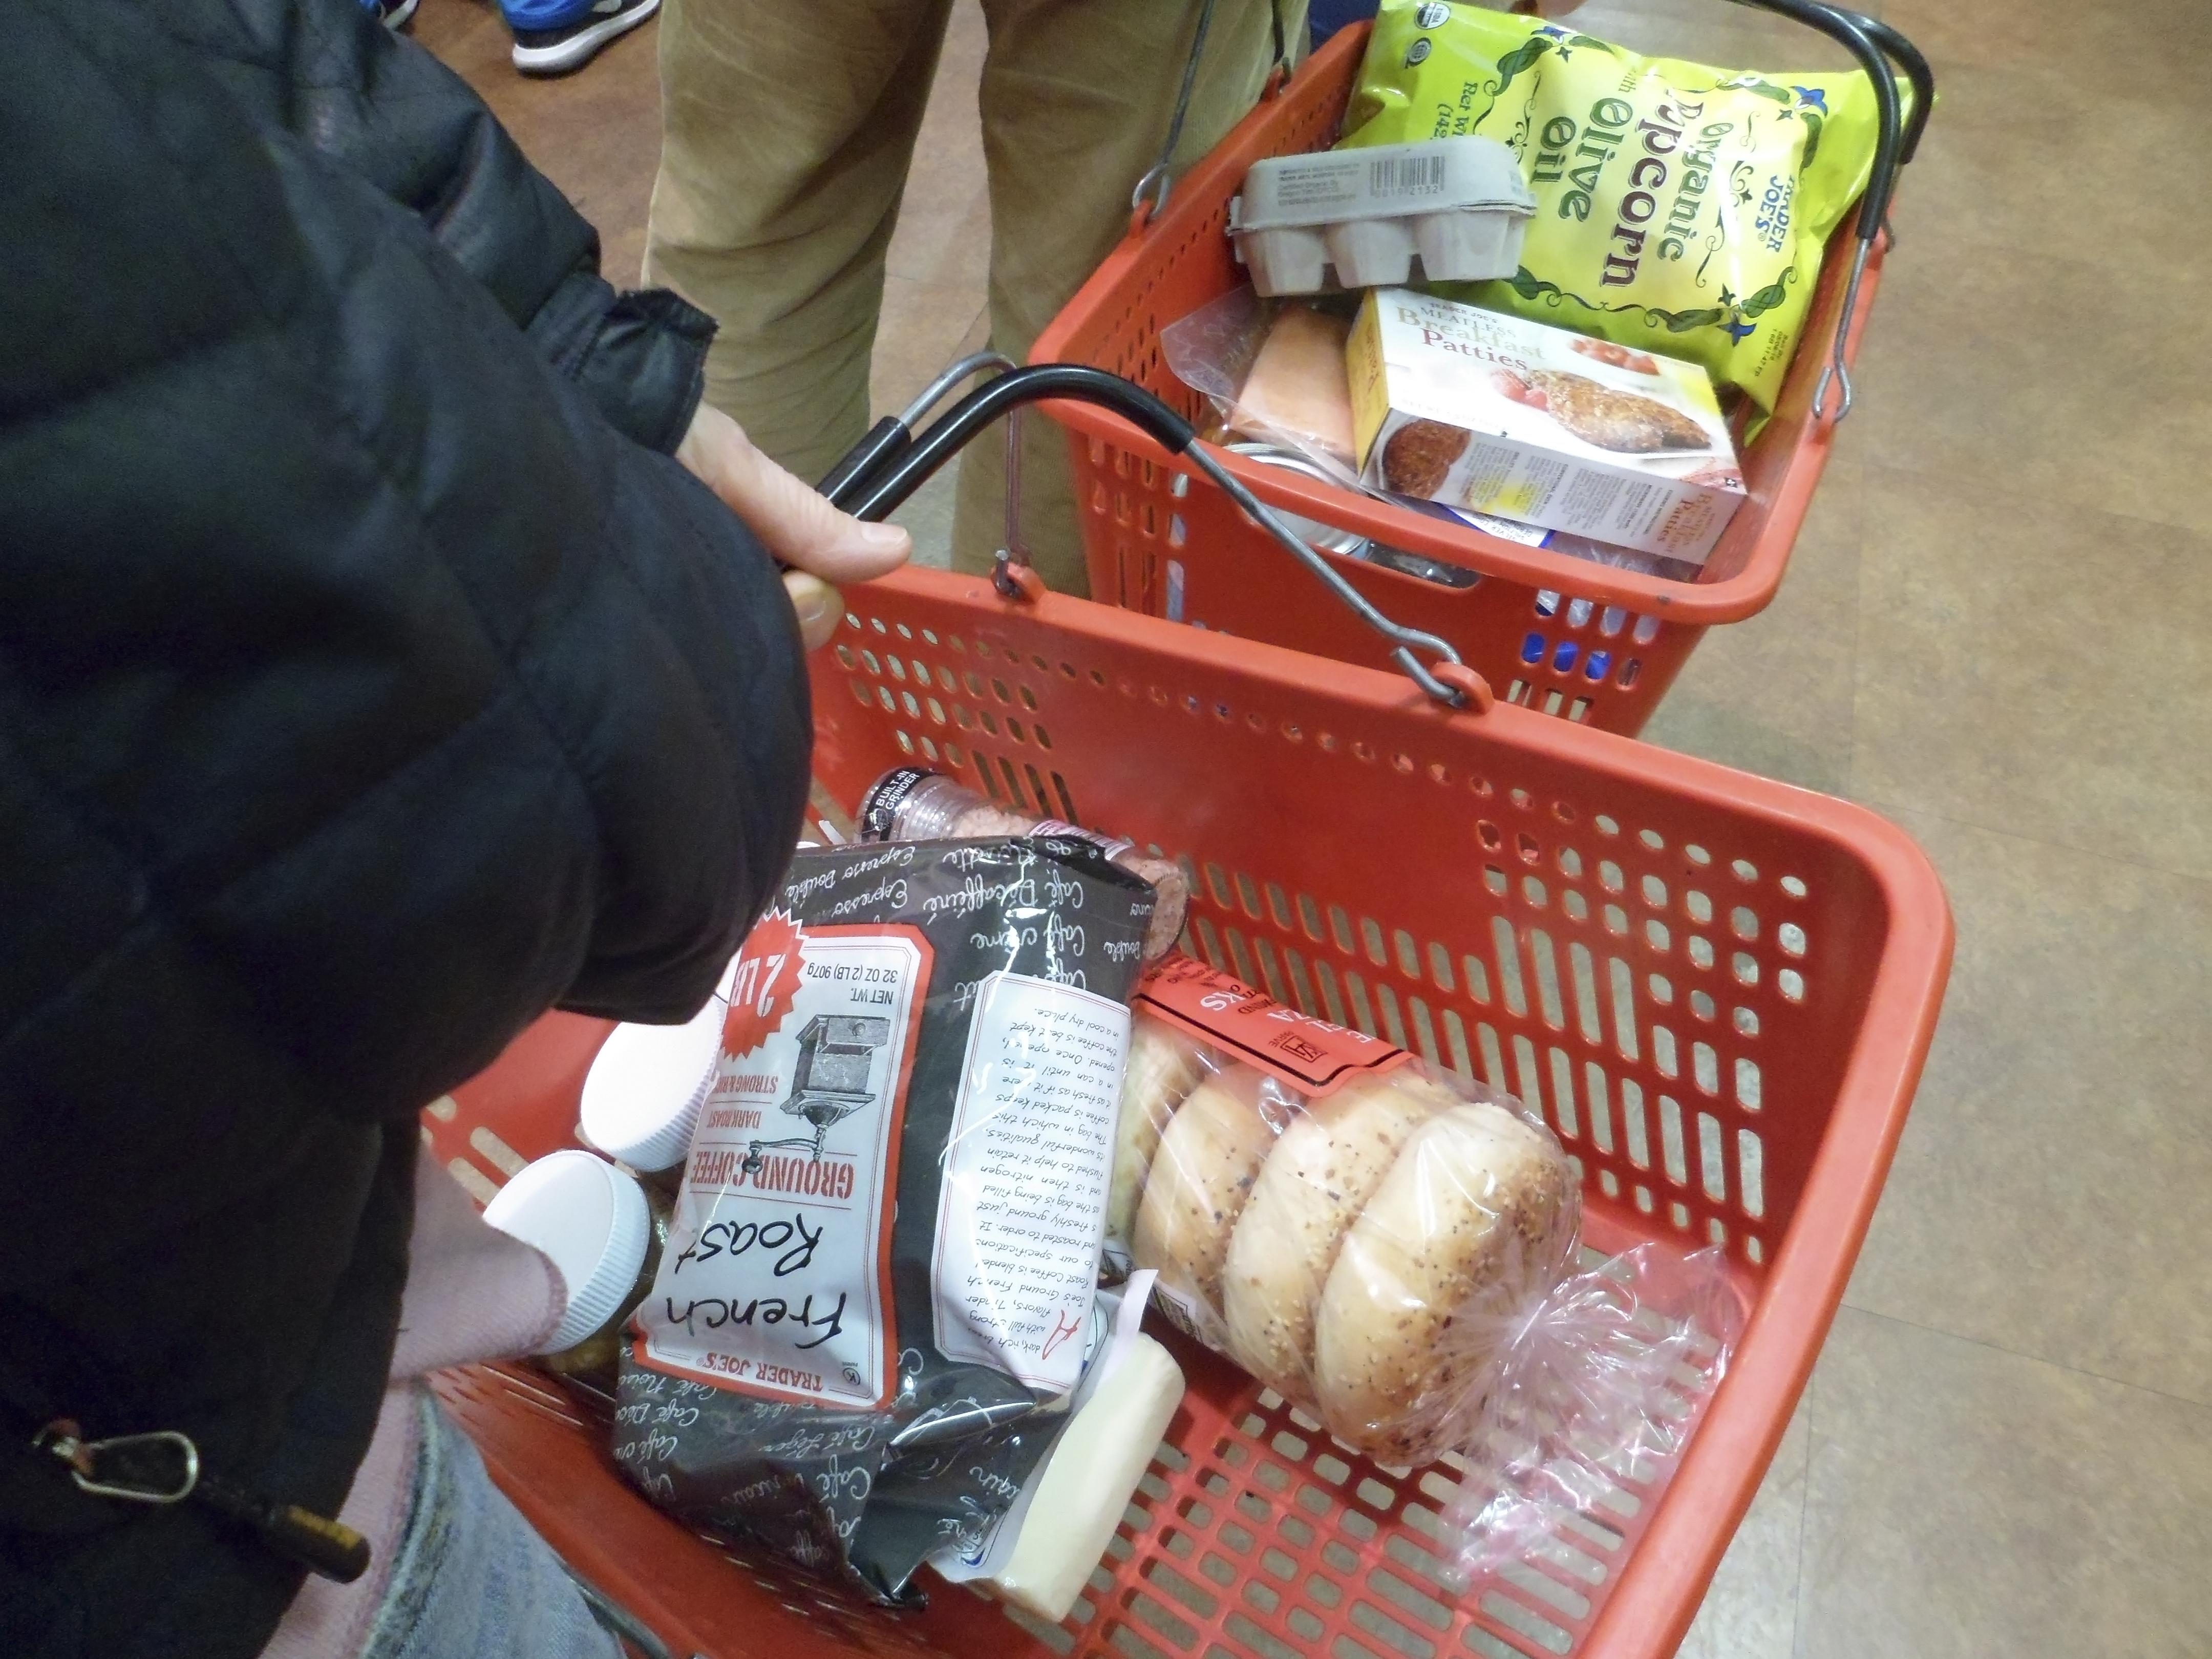 Shopping at Trader Joe's in New York